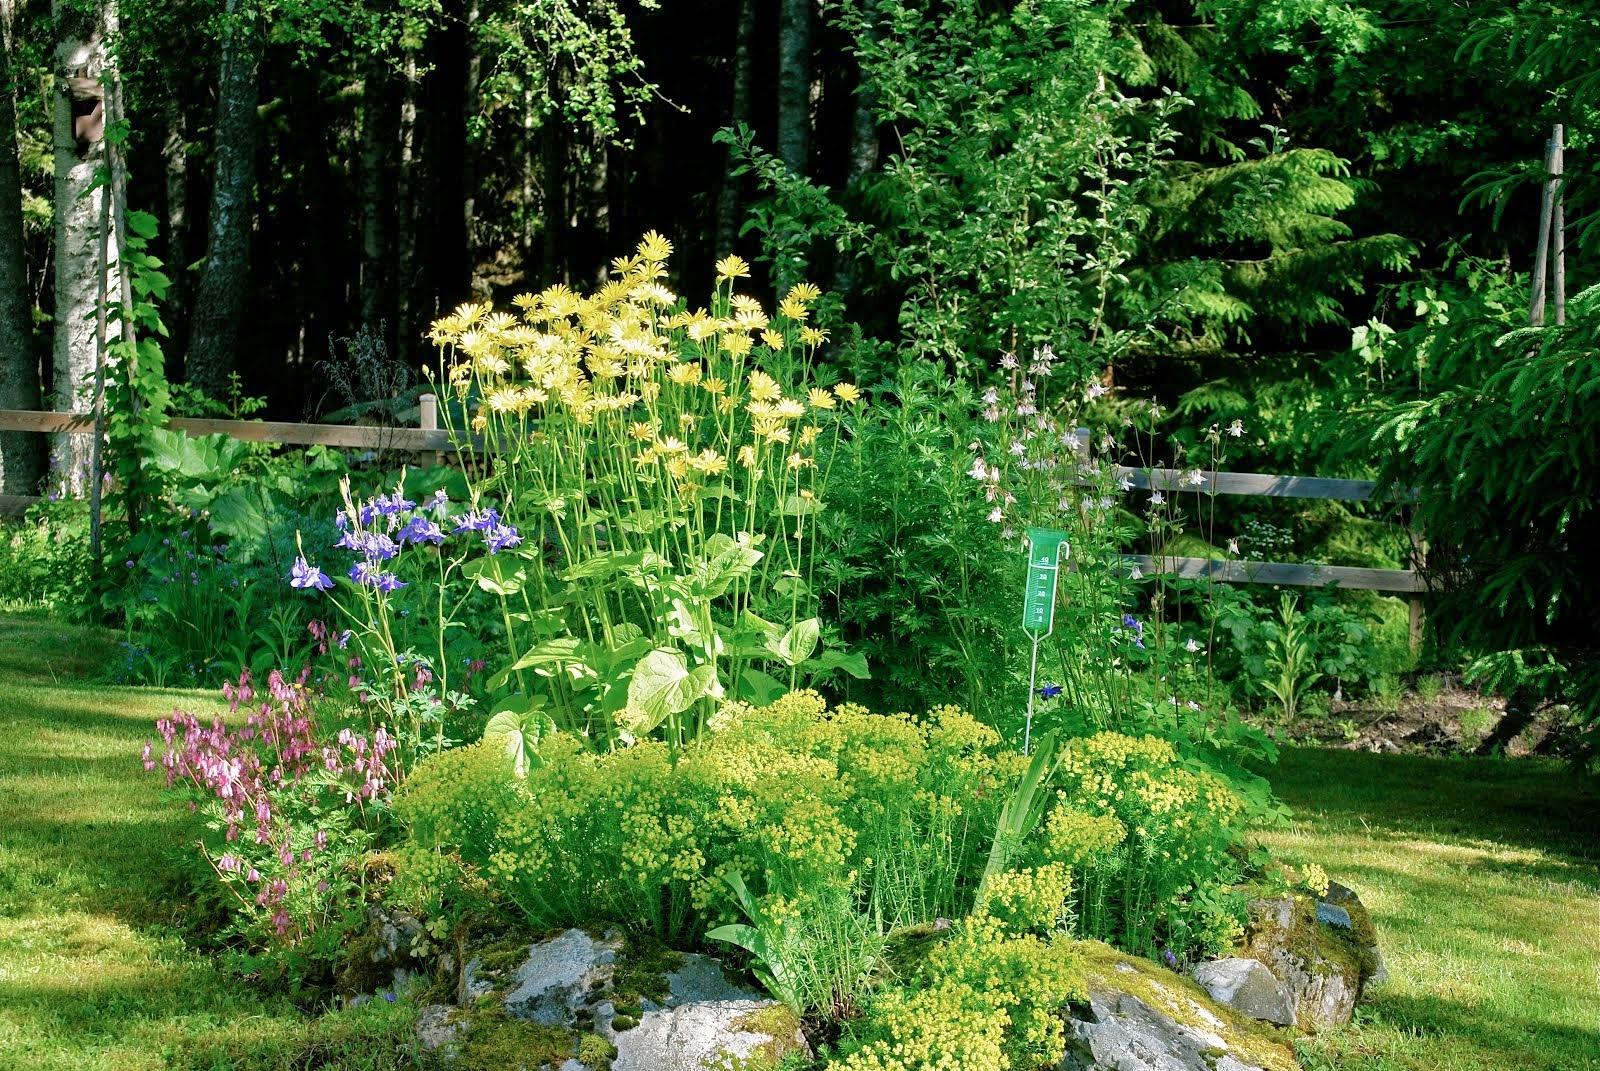 Vårplantering framför granskogen